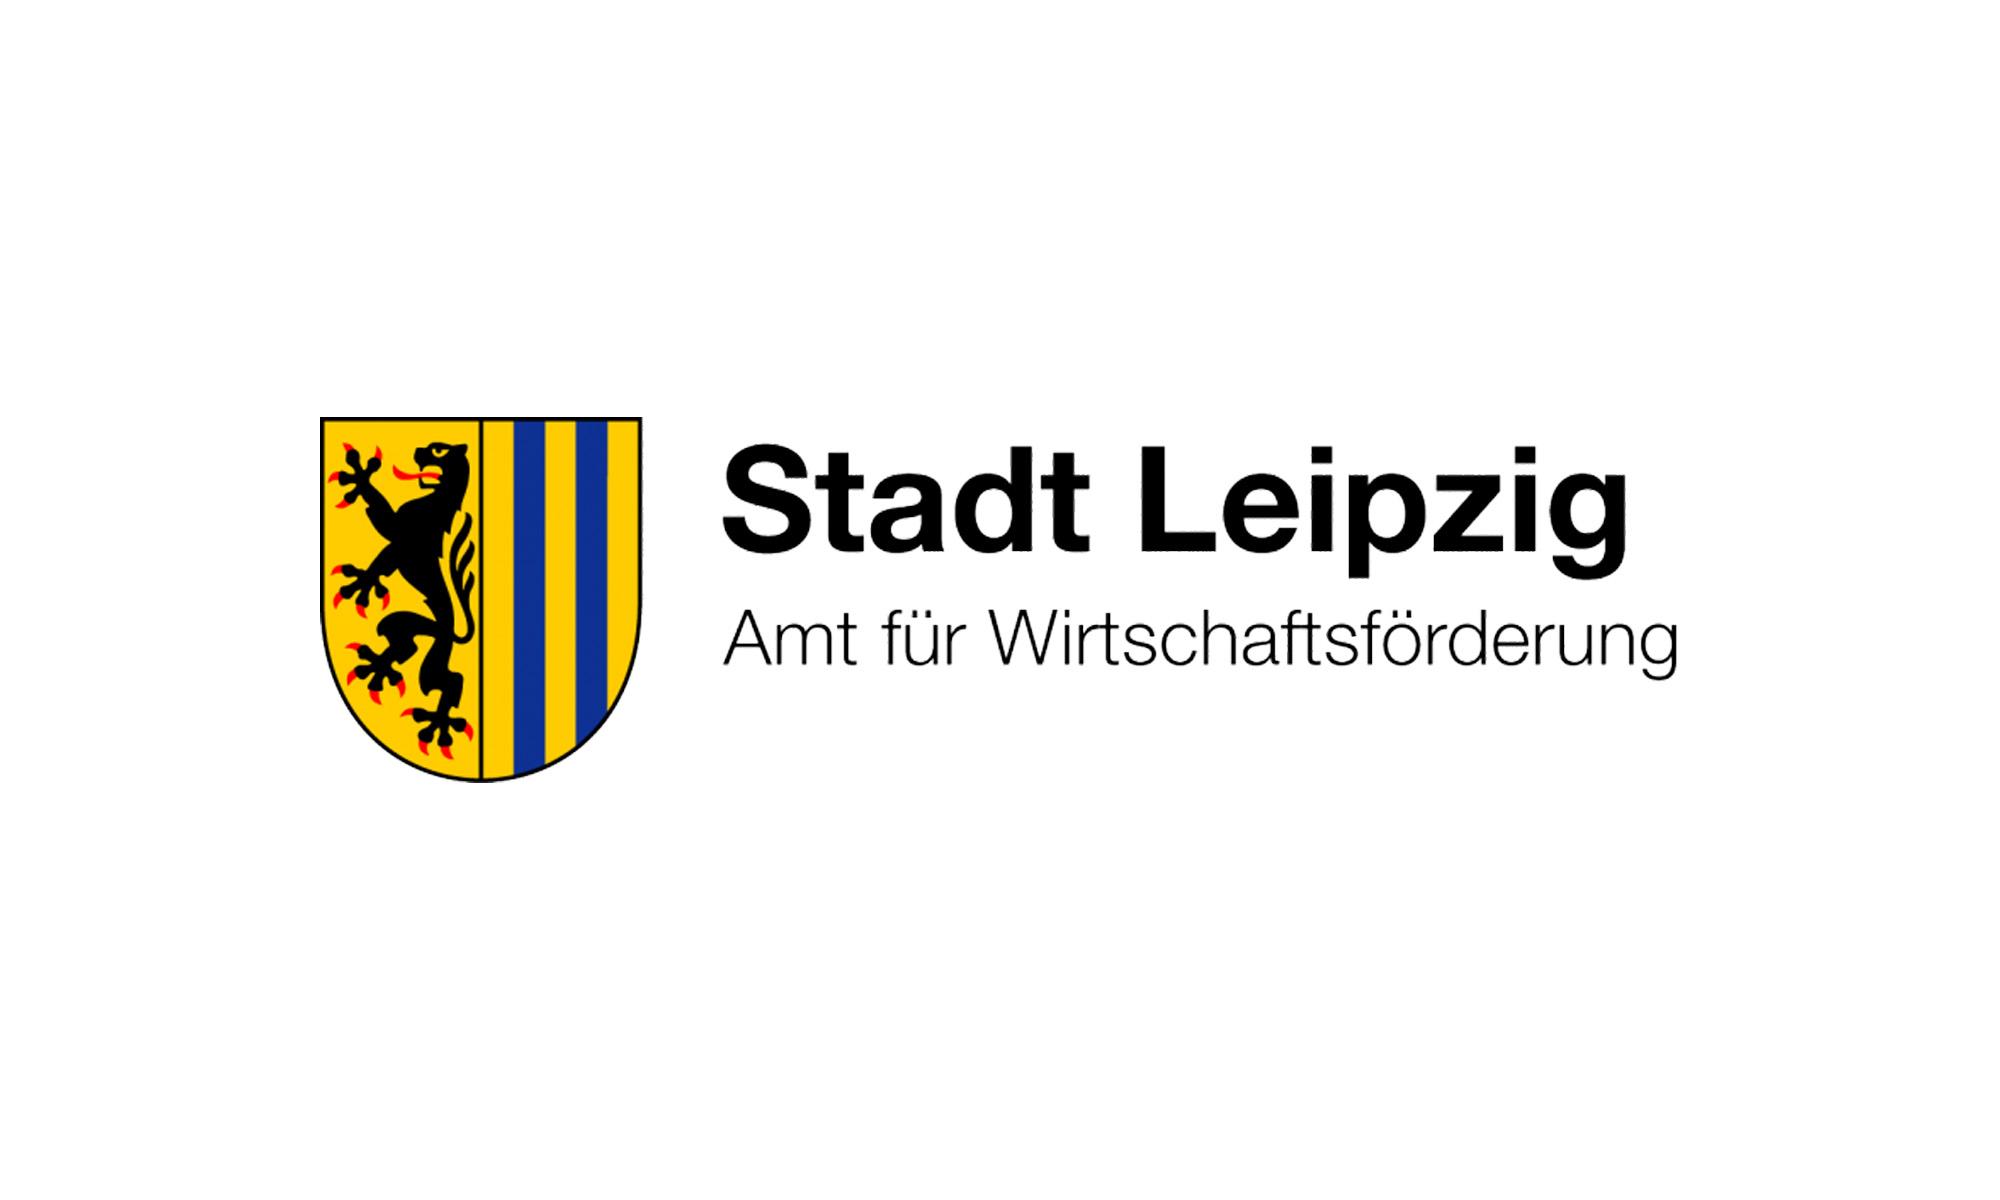 Stadt Leipzig, Amt für Wirtschaftsförderung